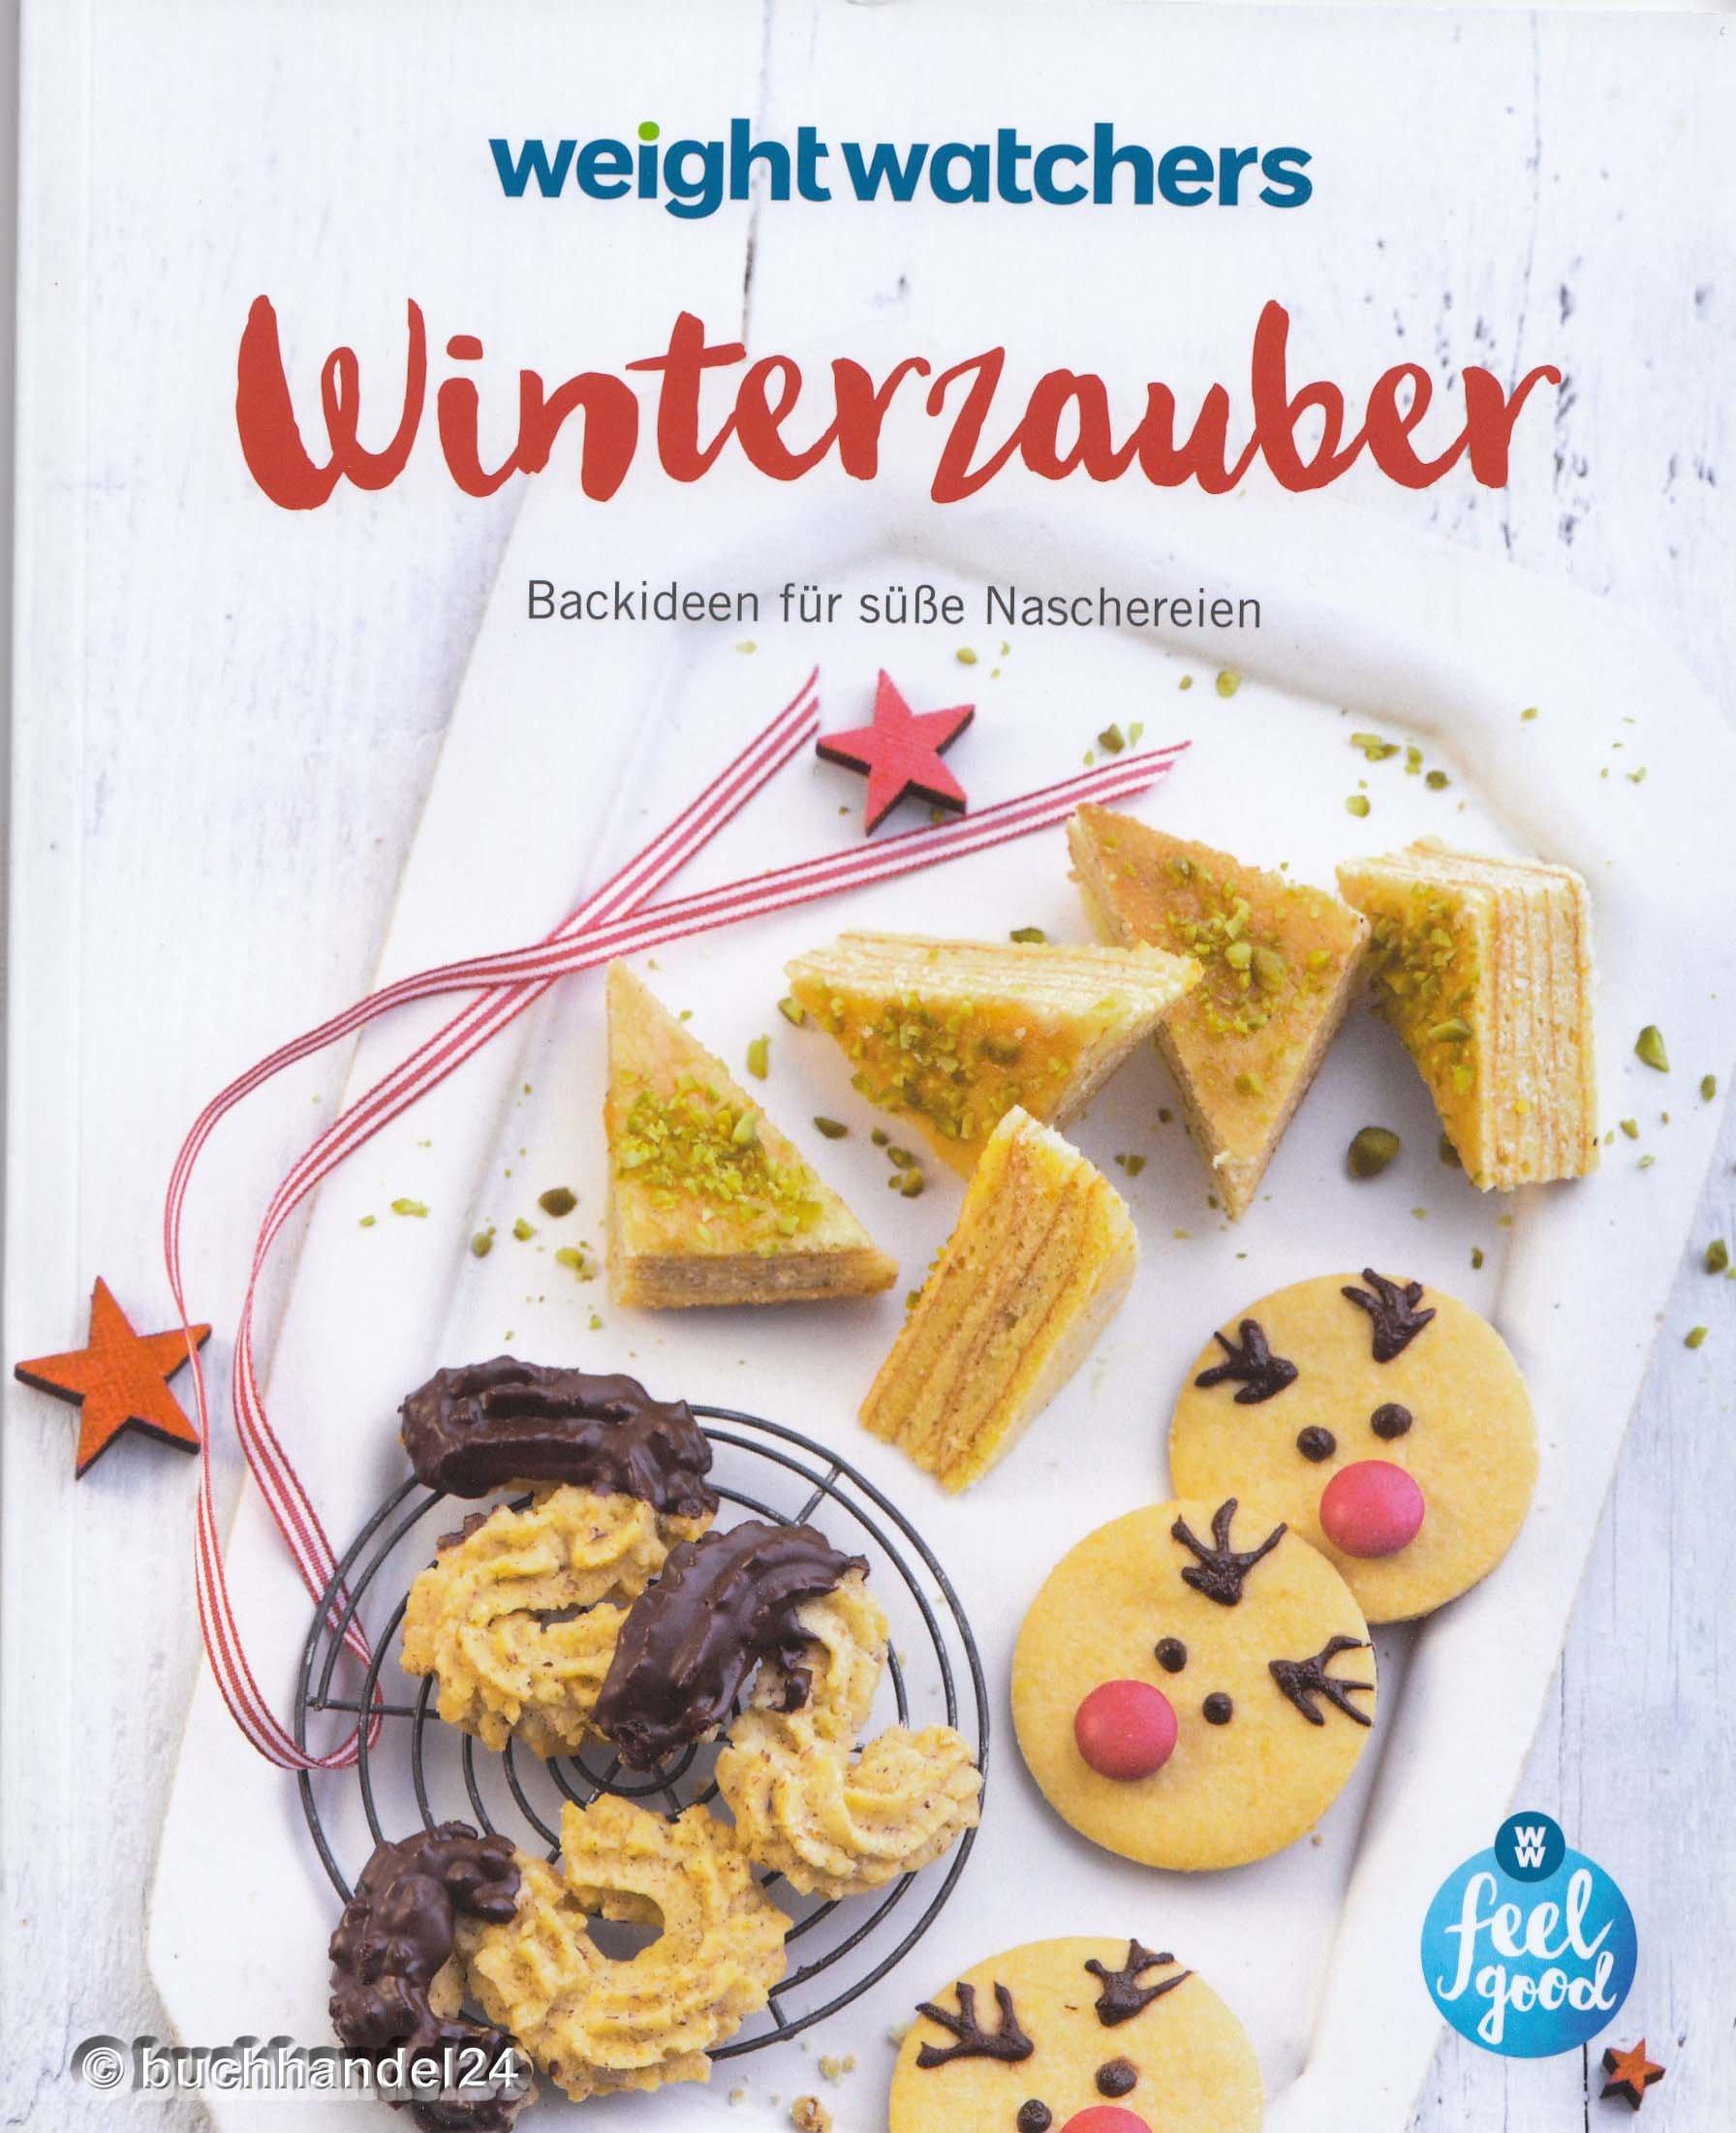 Winterzauber Von Weight Watchers Neues Programm 2016 Amazon De